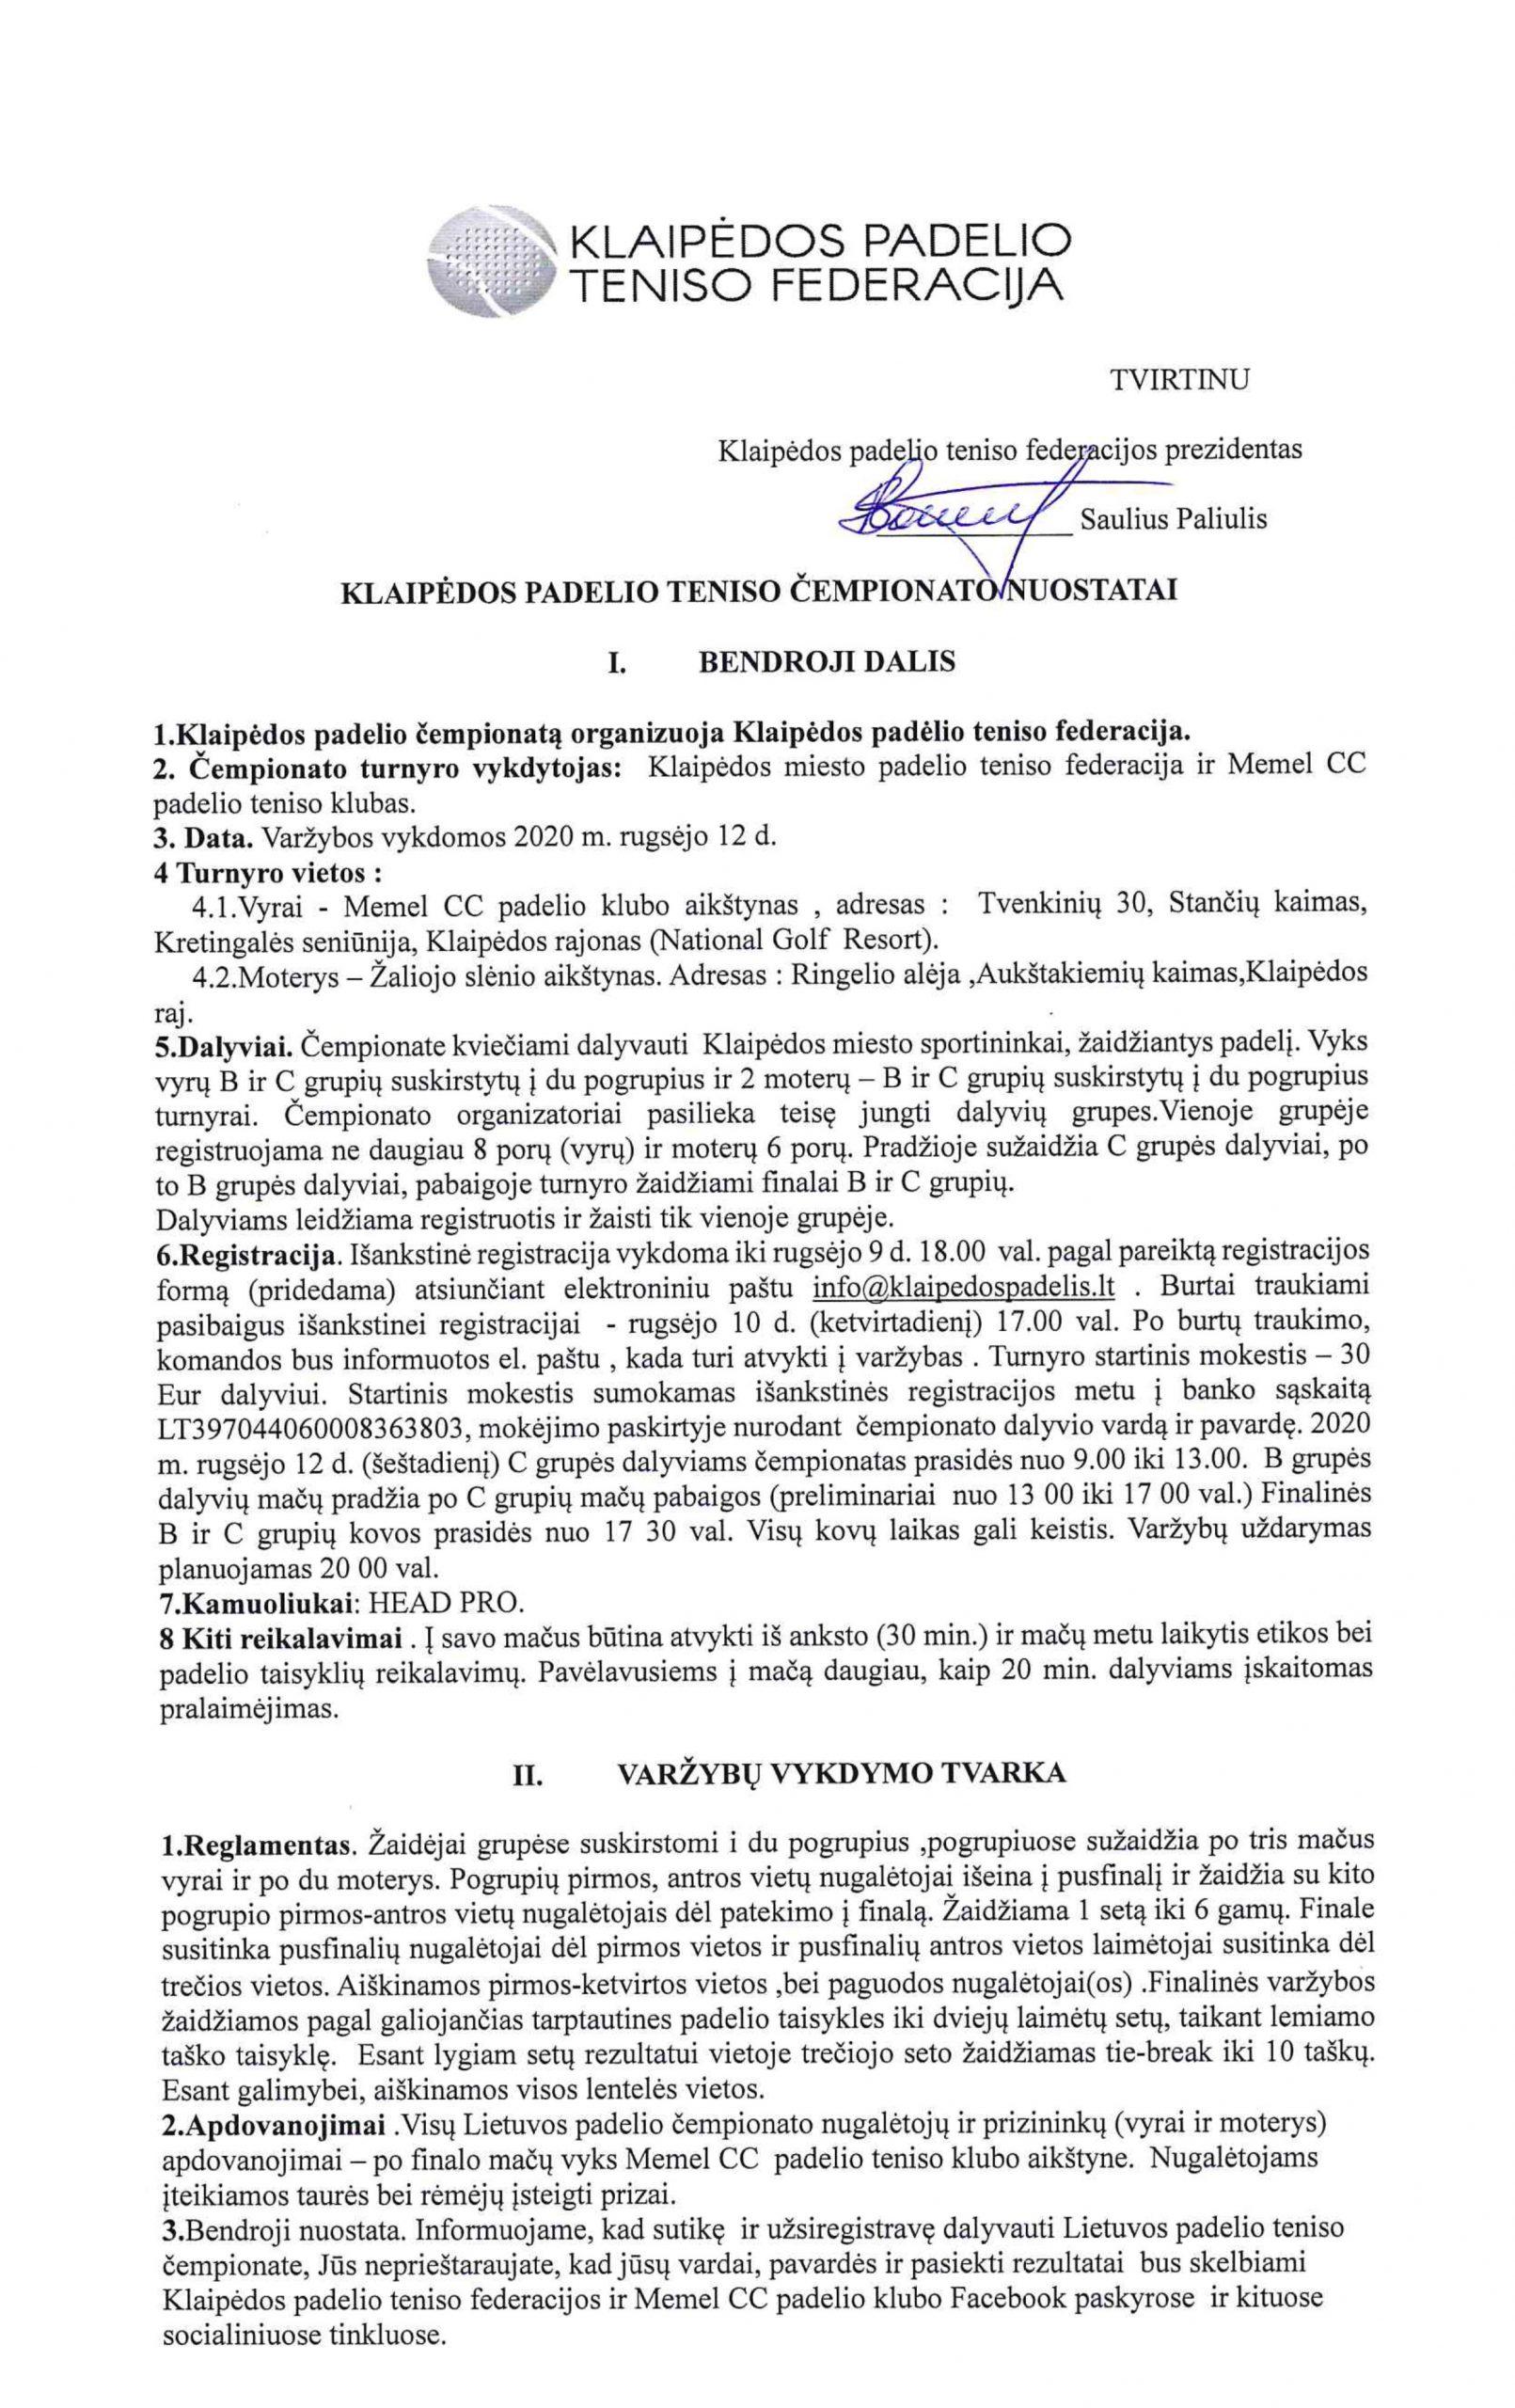 2020 Klaipėdos Padelio Teniso Čempionatas!